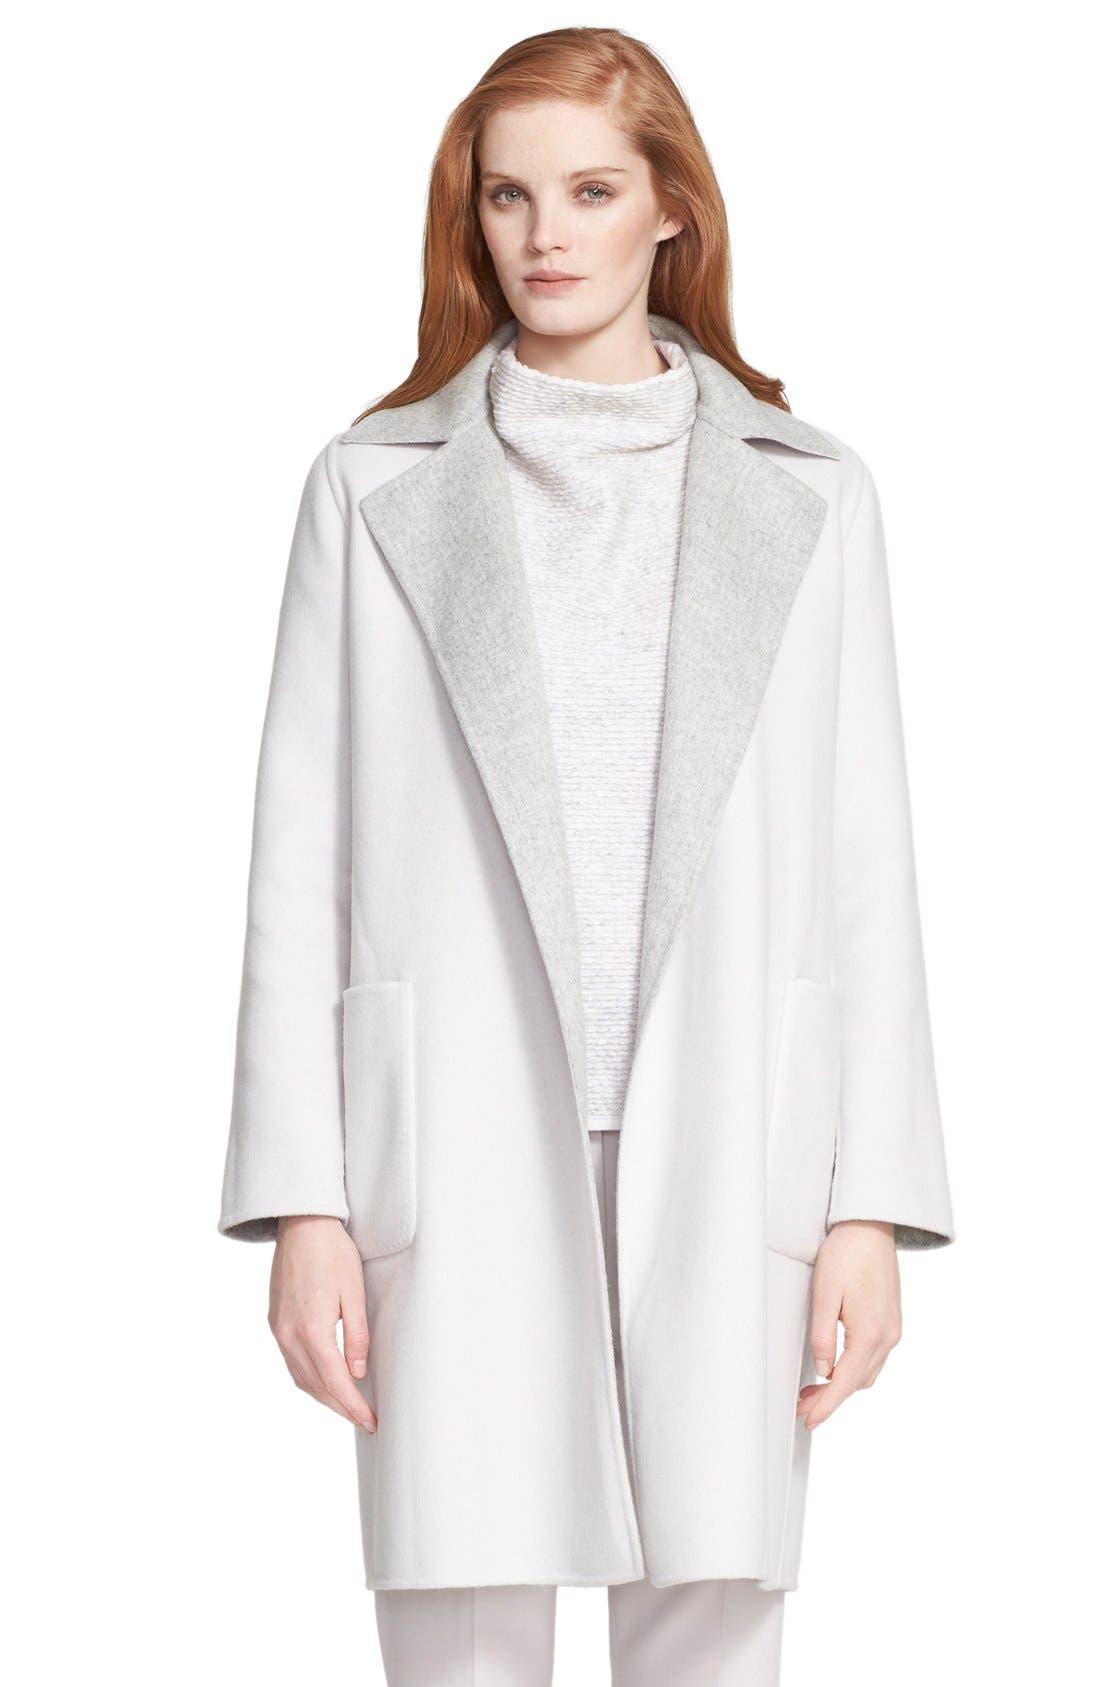 Alternate Image 1 Selected - Max Mara 'Visone' Reversible Wool & Angora Wrap Coat with Belt